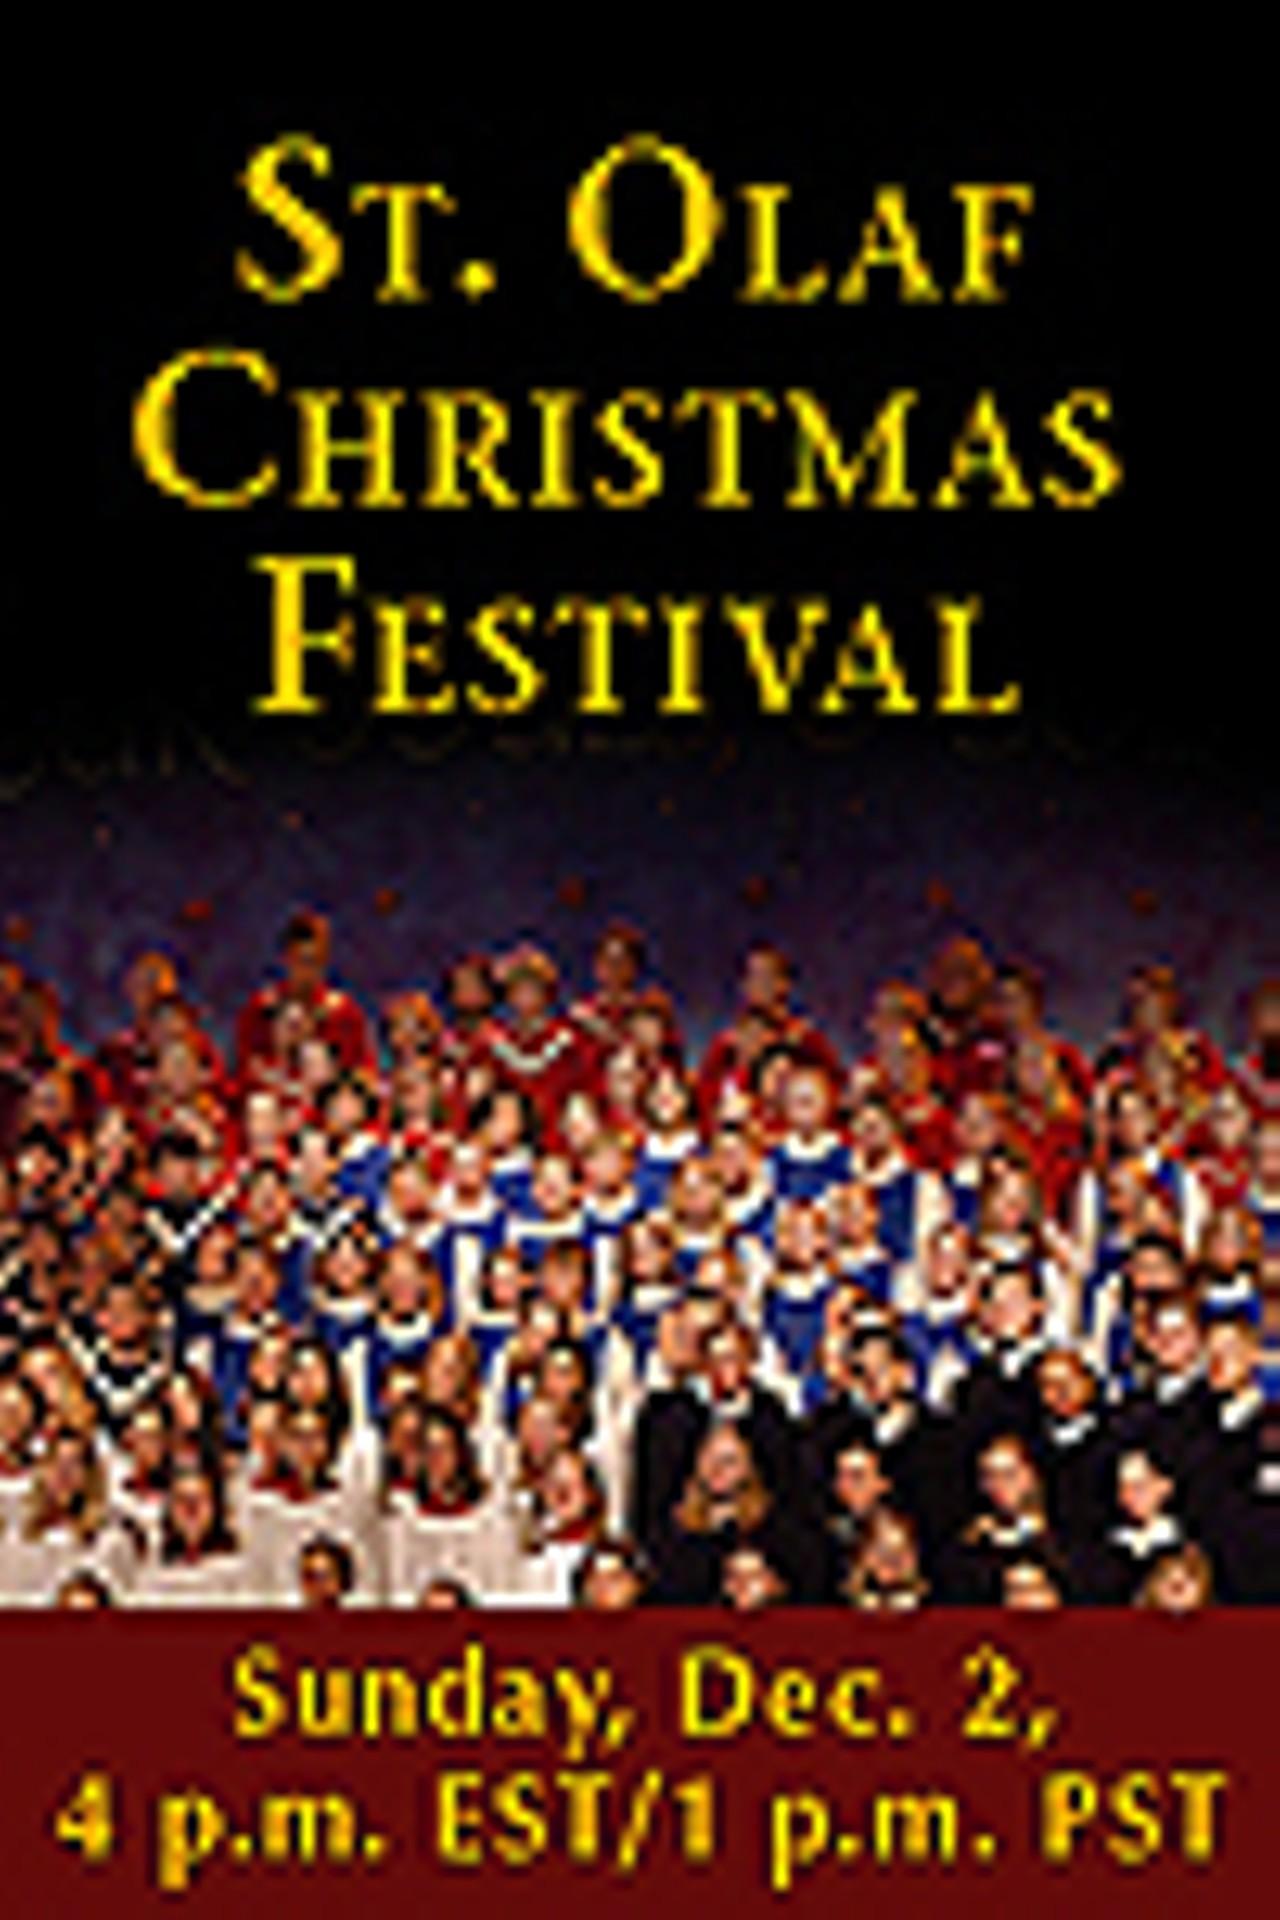 06192501jpg - St Olaf Christmas Festival